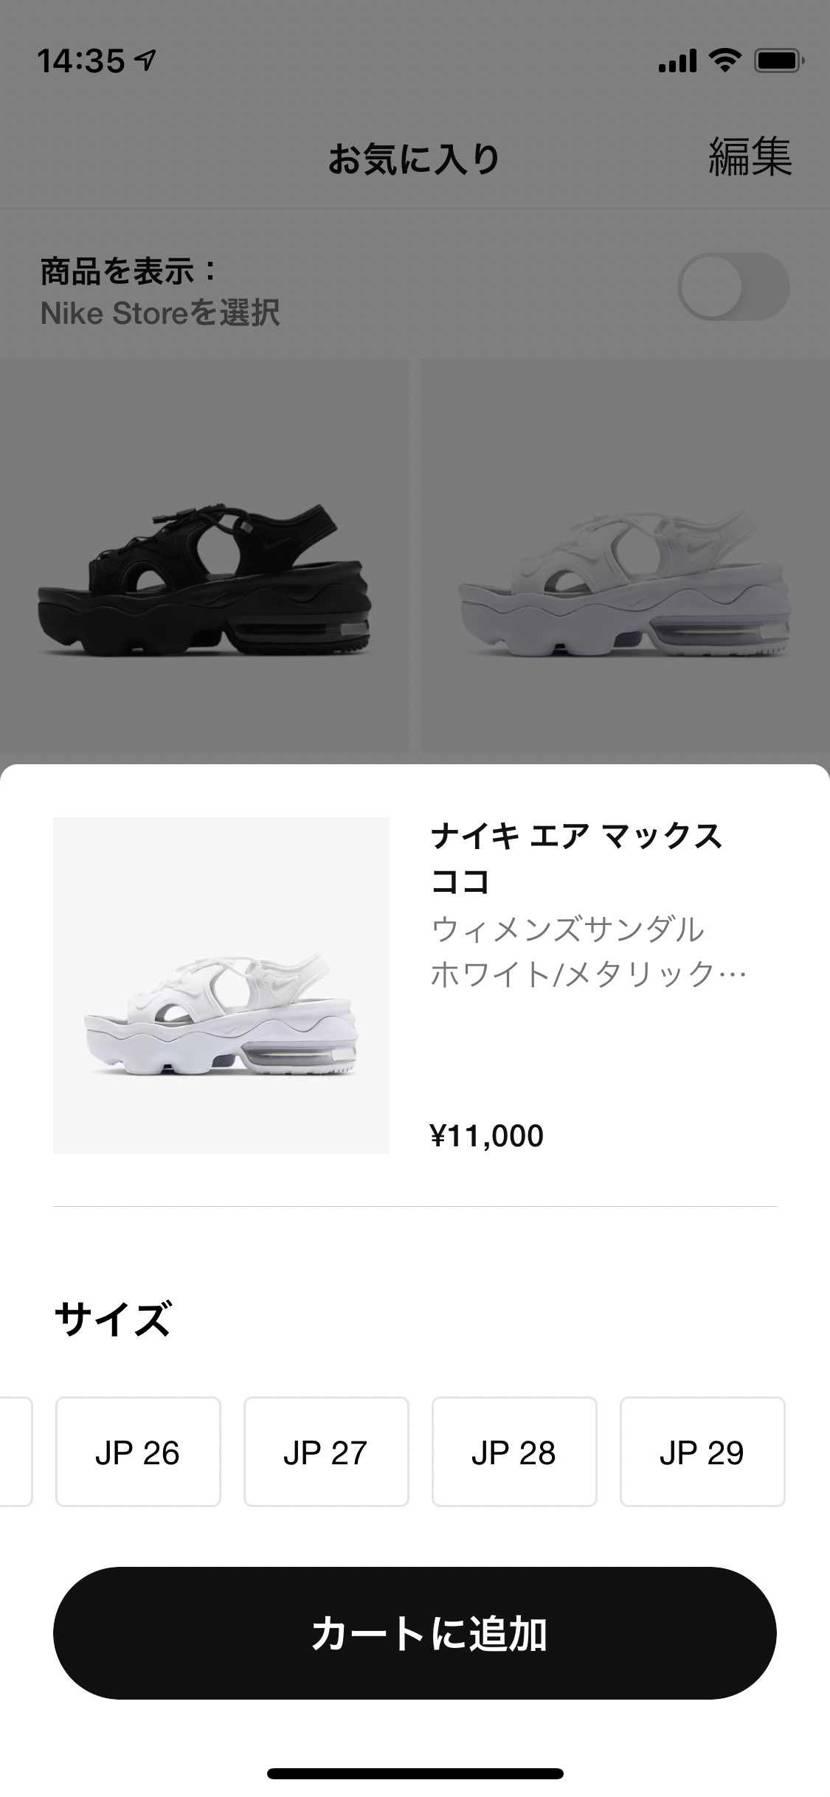 NIKE.com、白のみ全サイズリストックしてますね🐿